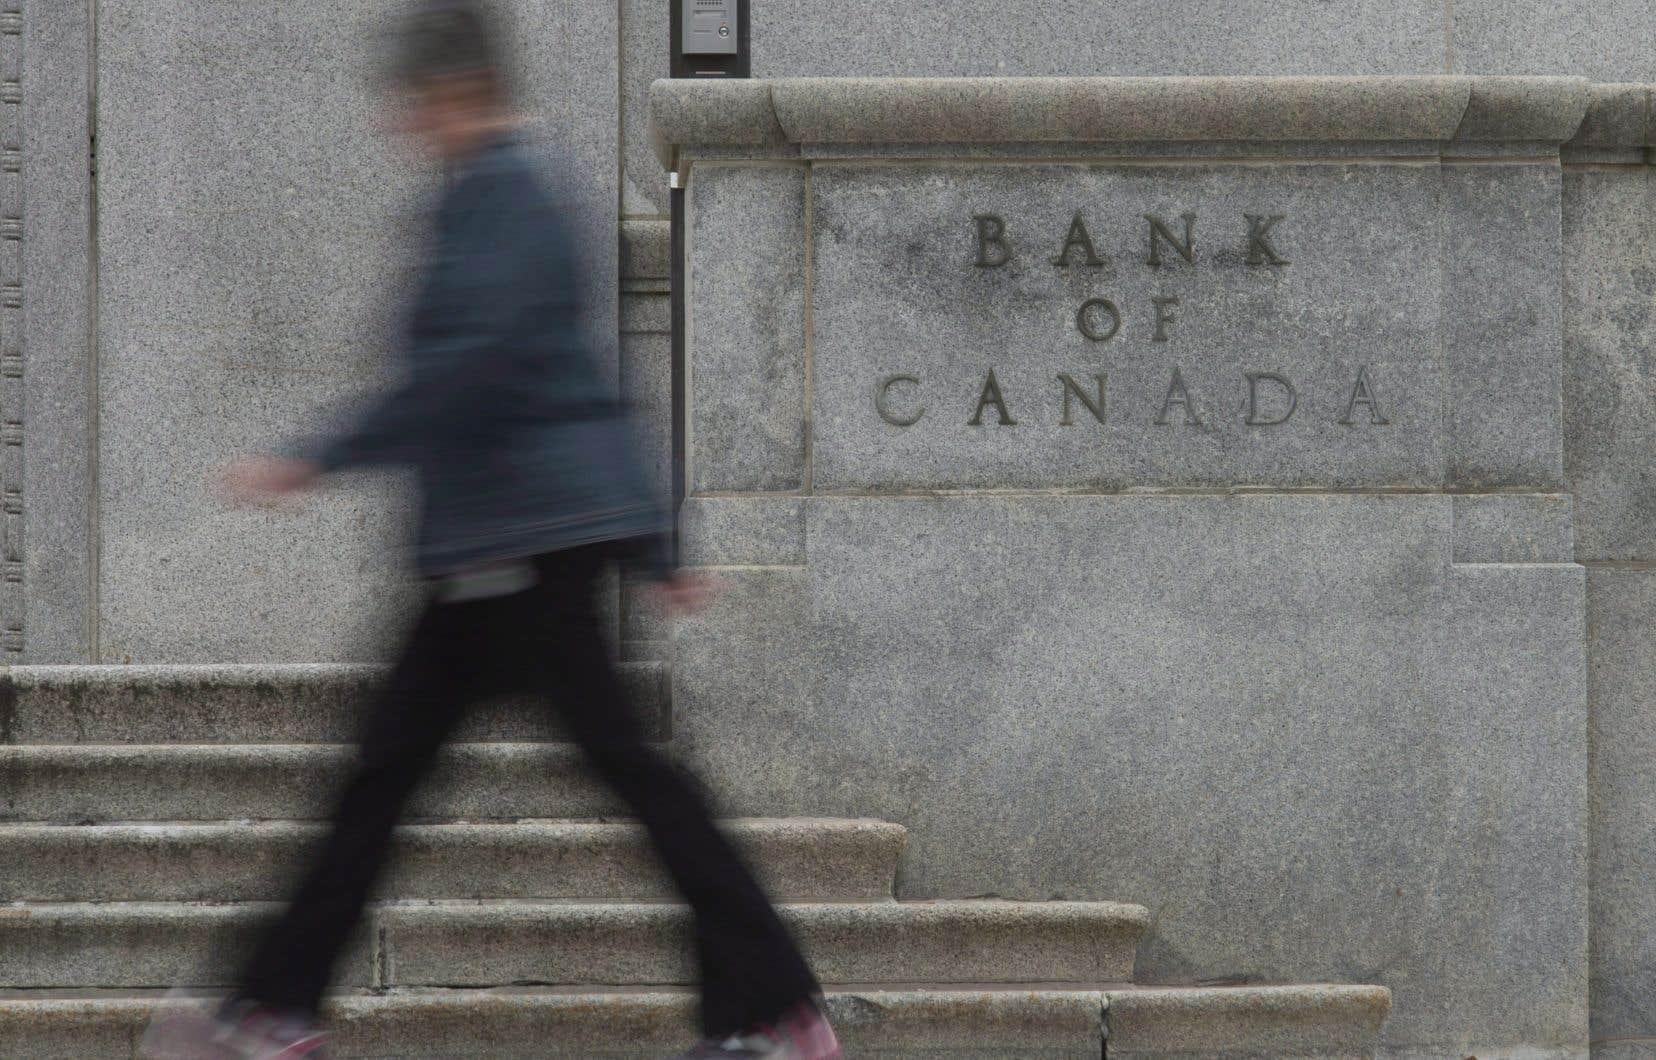 La Banque du Canada alancé un avertissement aux Canadiens, affirmant qu'ils doivent s'attendre à ce que la performance économique soit moins vigoureuse au cours des prochains mois.